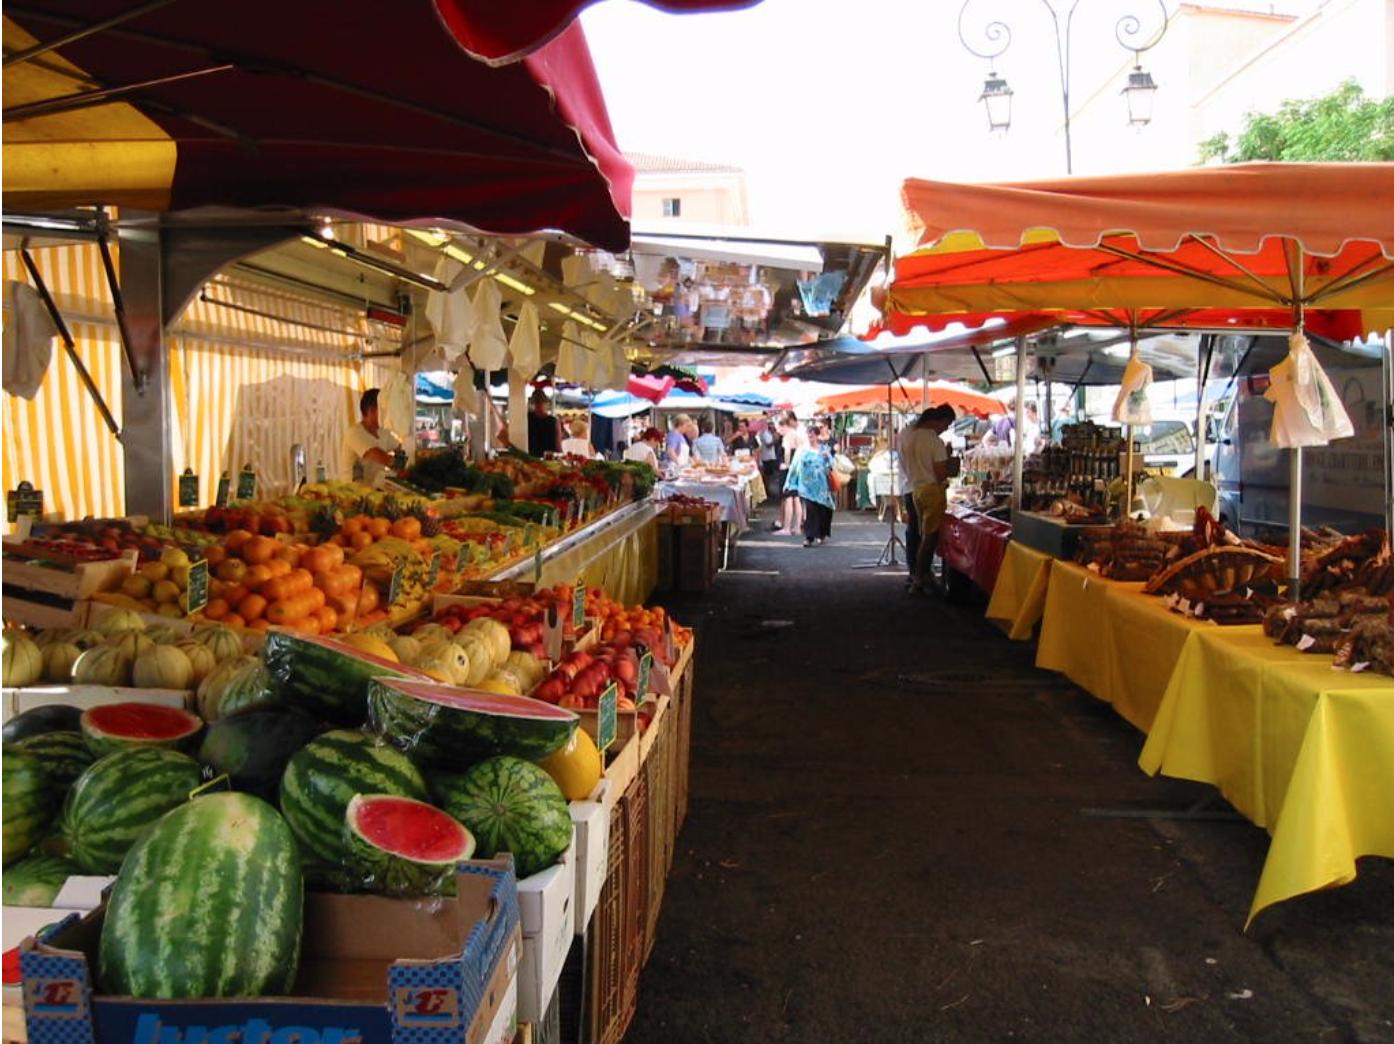 Ajaccio-Le-marché-central-Capture-d'écran-2019-05-10-à-12.22.40